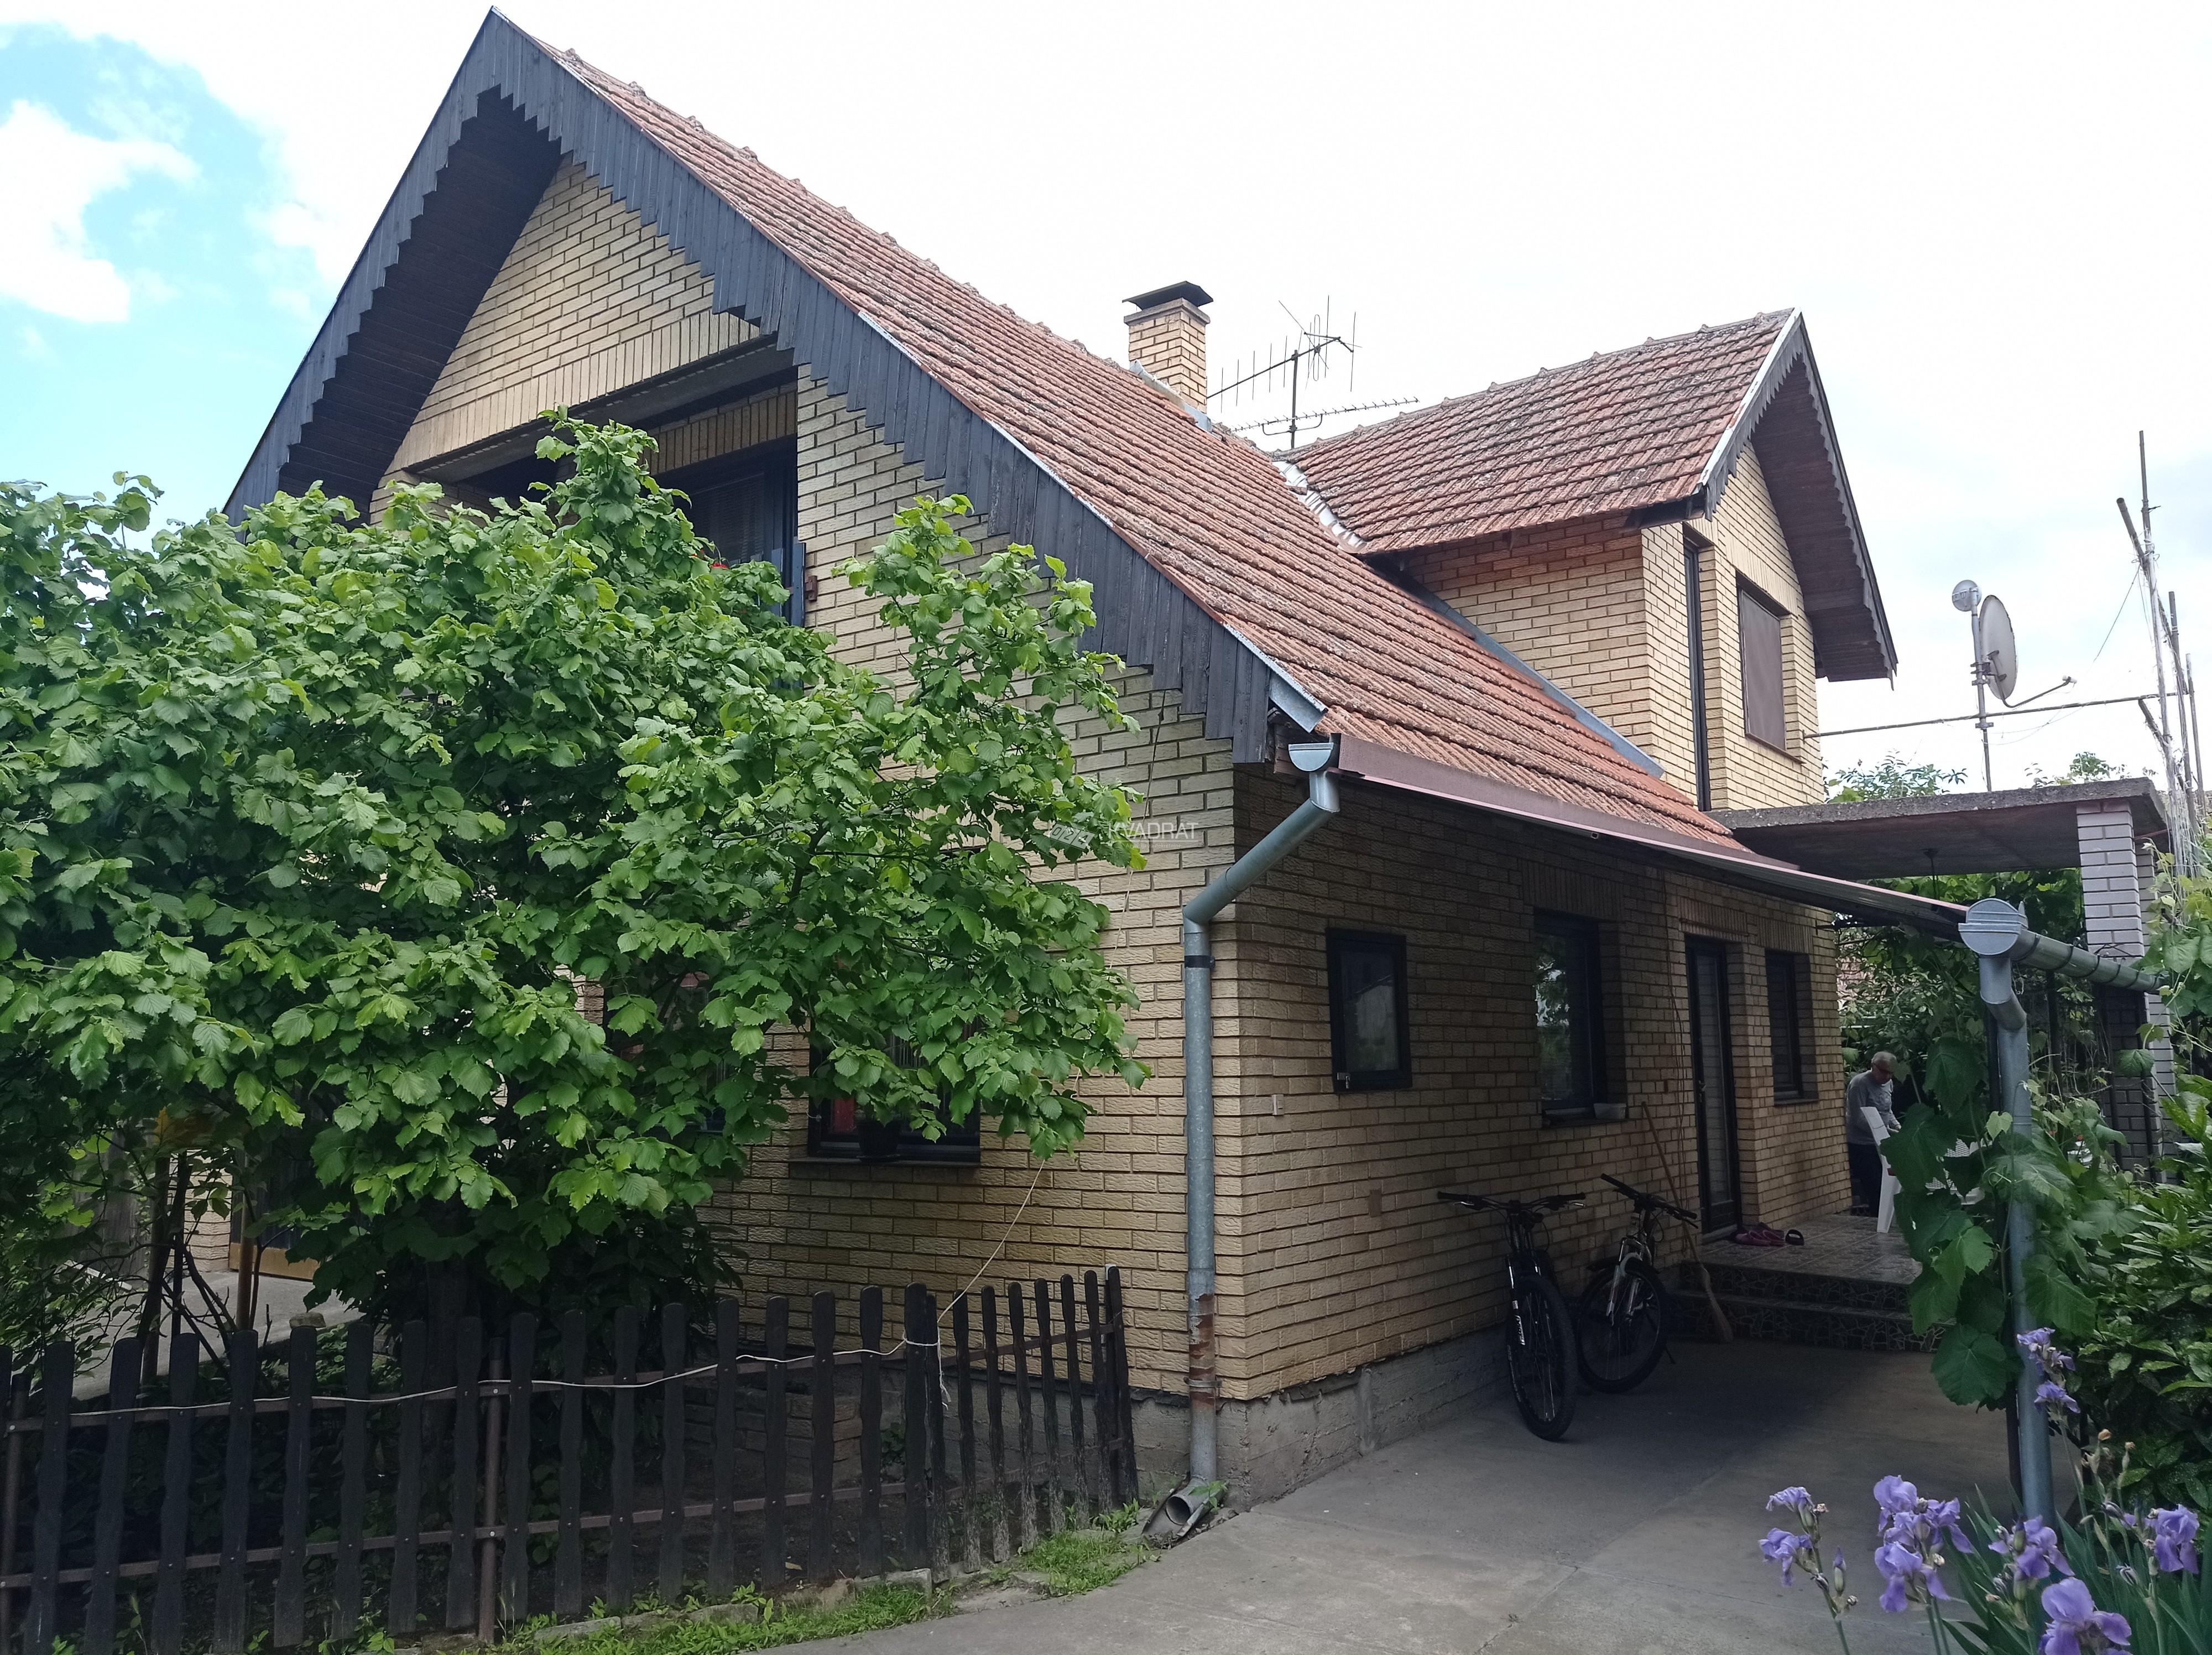 Radijalac, prizemna samostalna kuća sa potkrovljem!